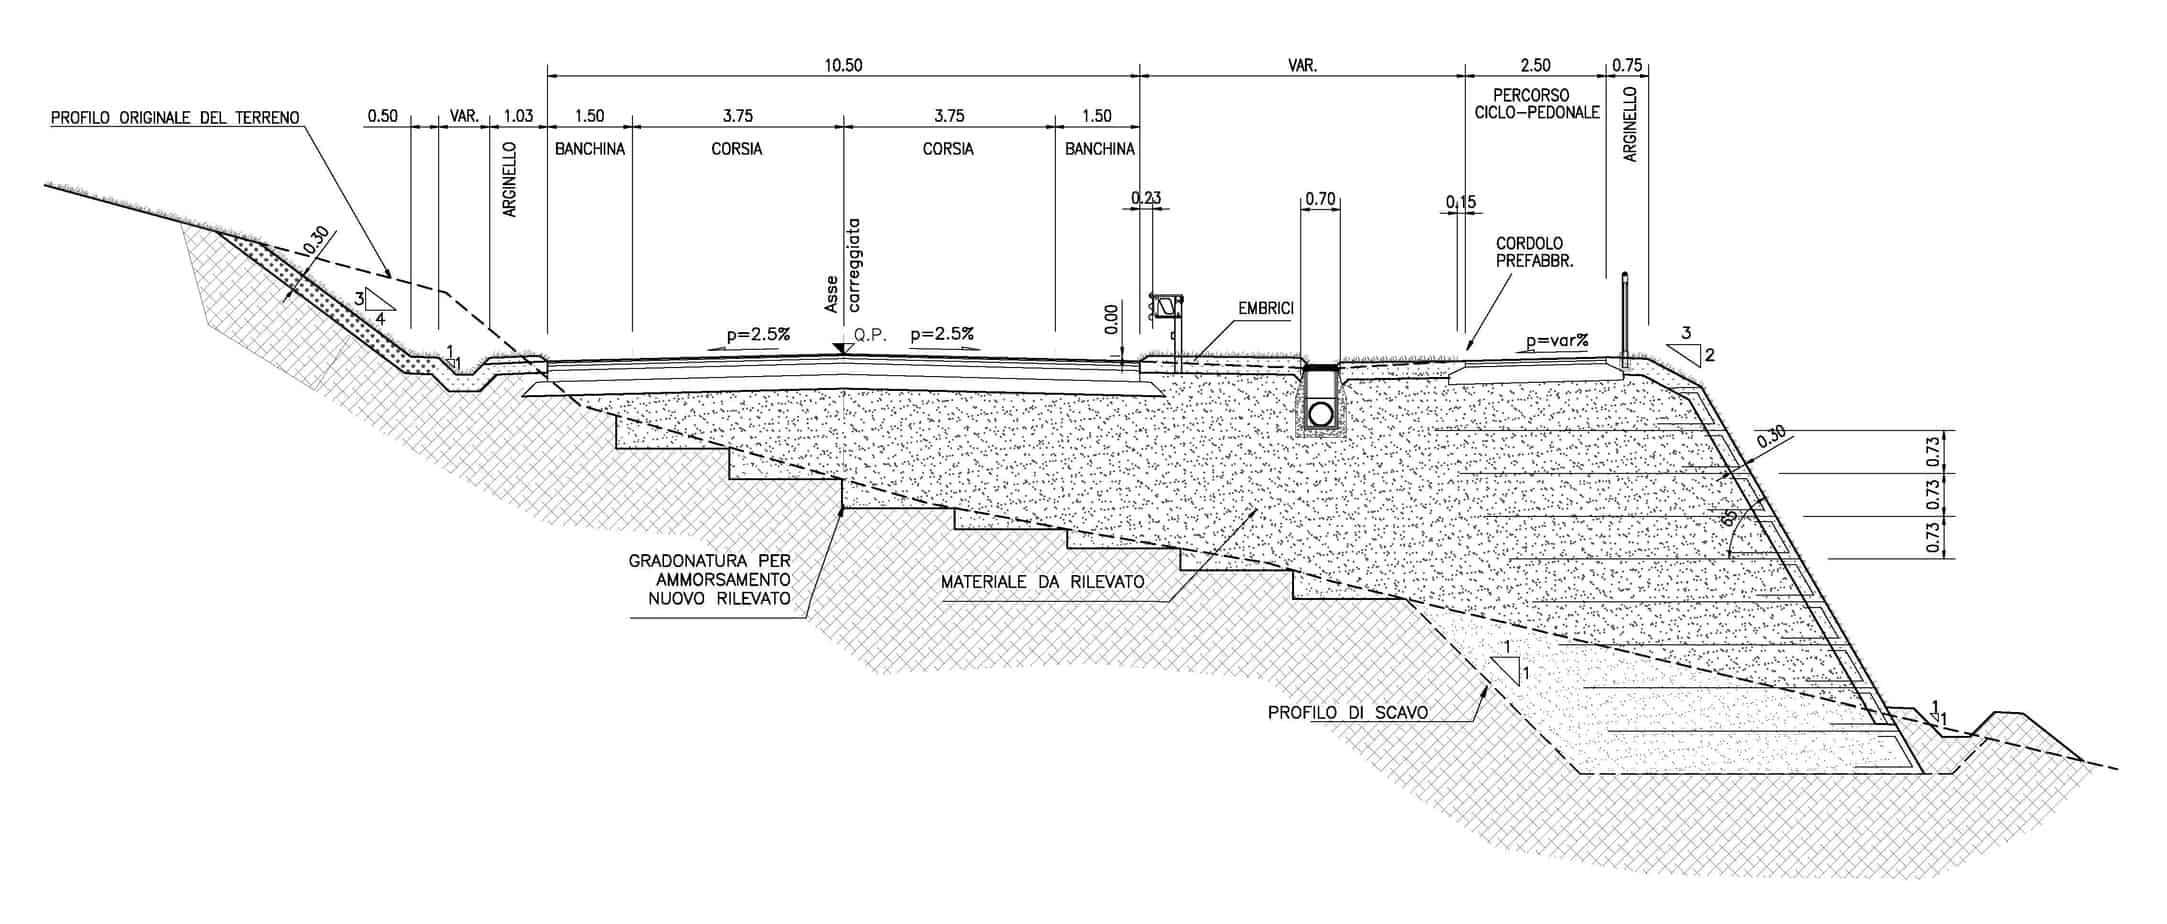 La sezione tipologica con terra armata e il percorso ciclopedonale